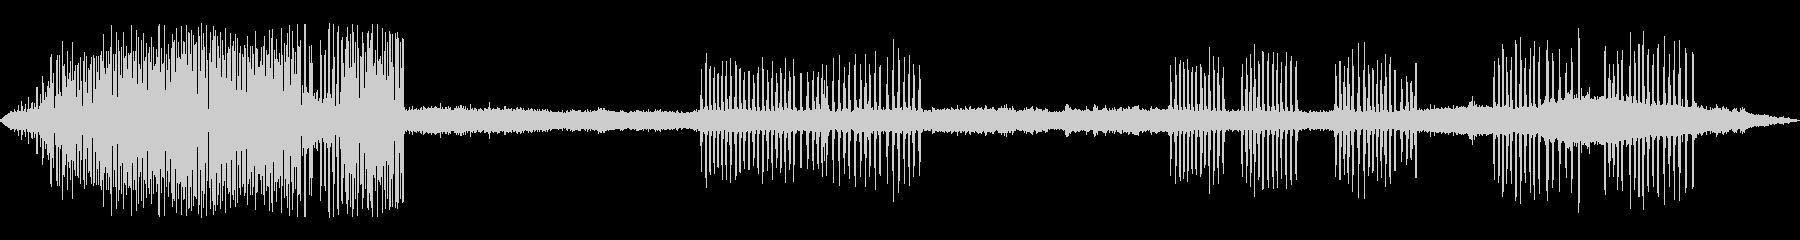 カエルの鳴き声-5の未再生の波形